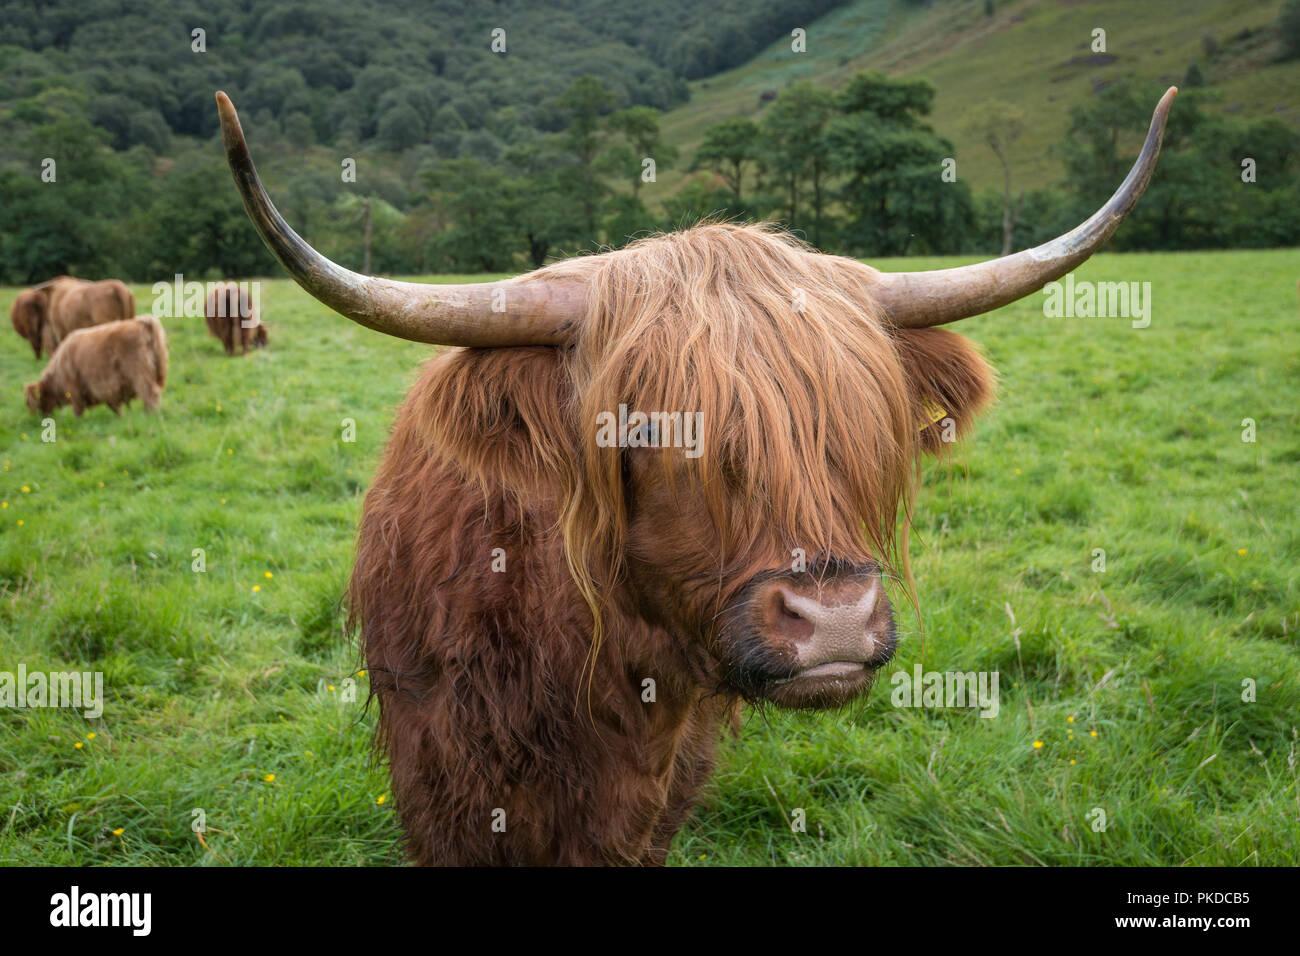 Scottish Highland cattle, Ben Nevis, Scottish Highlands, Scotland, UK - Stock Image